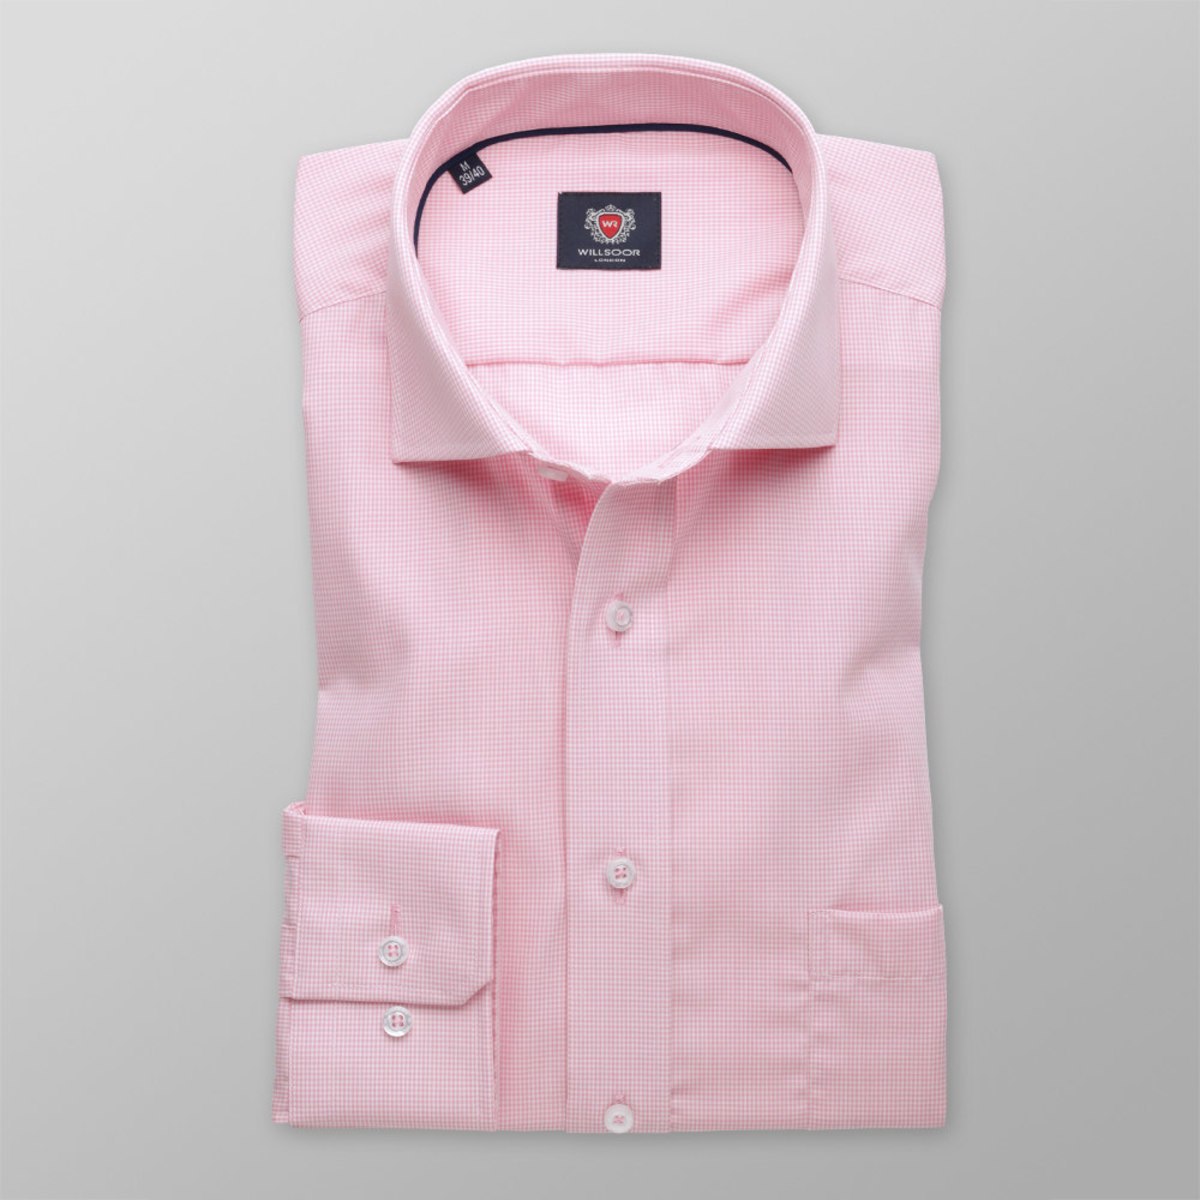 Pánska slim fit košele London (výška 176-182) 8392 v ružové farbe s úpravou 2W Plus 176-182 / M (39/40)